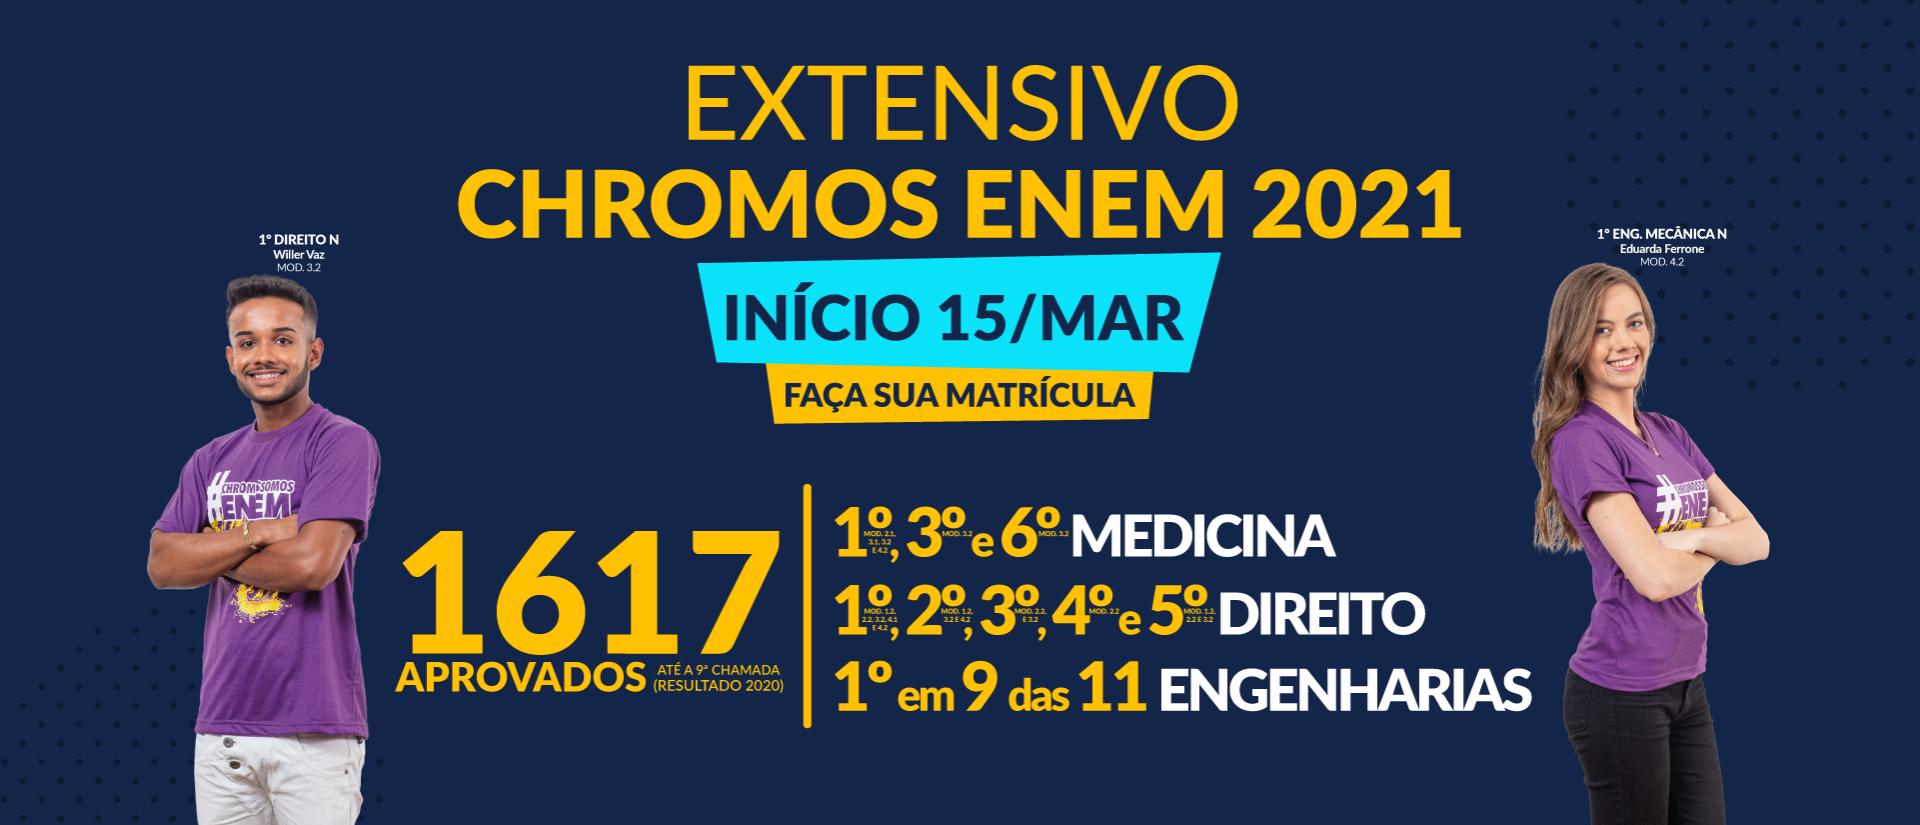 26-02 - Site - Extensivo Chromos - Turmas de Março_banner-rotativo